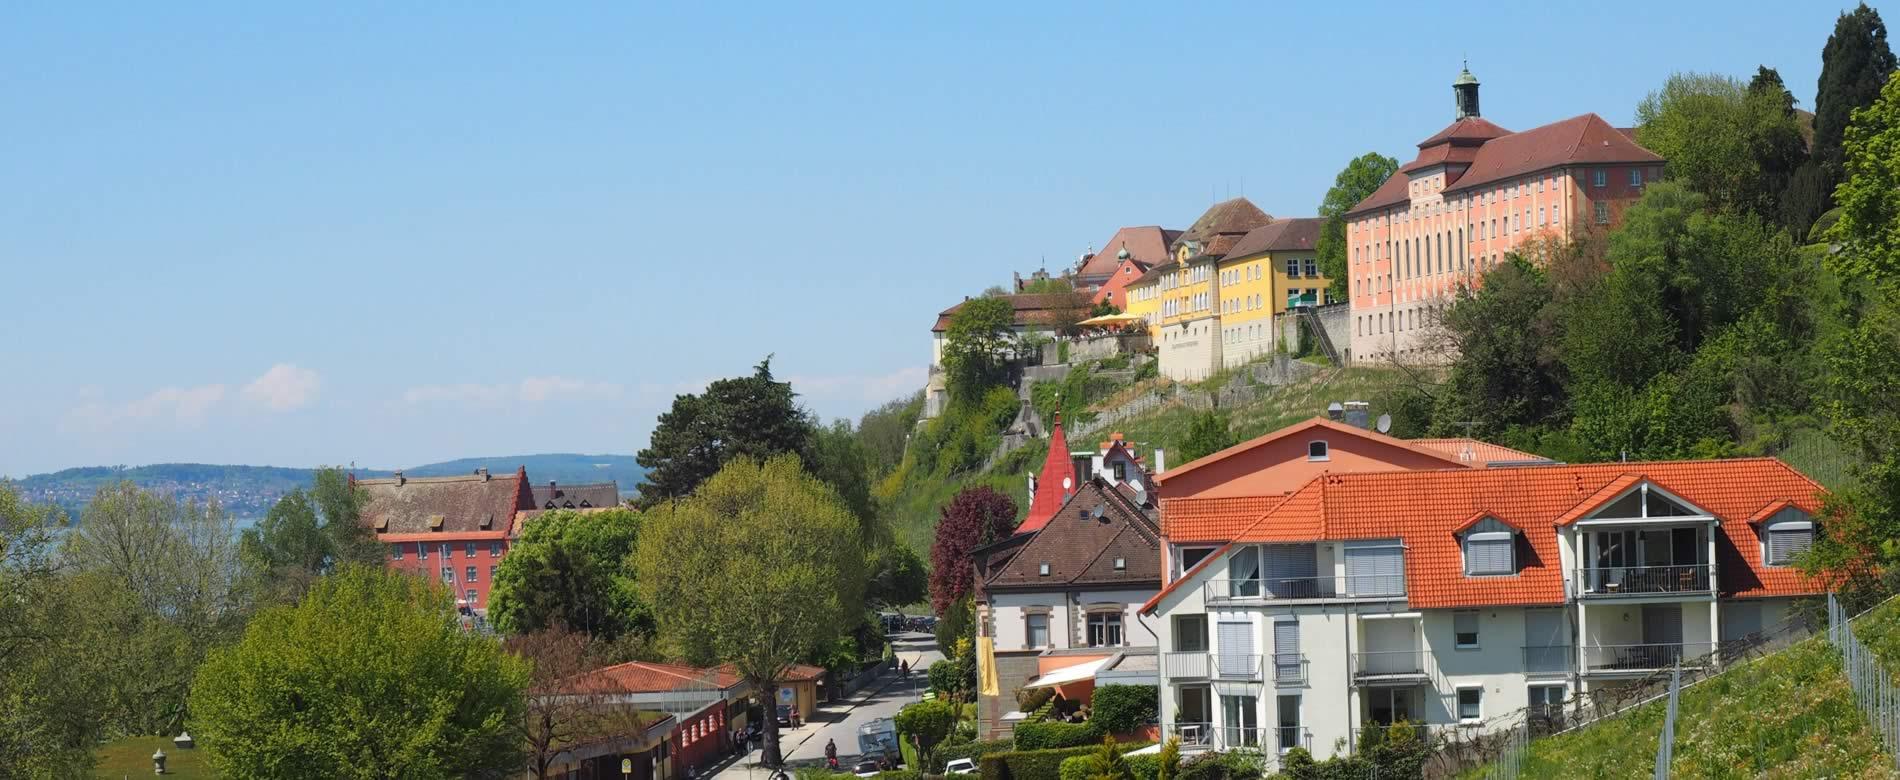 Ferienwohnung Pfarrhaus in Meersburg - Unsere Ferienwohnungen 11